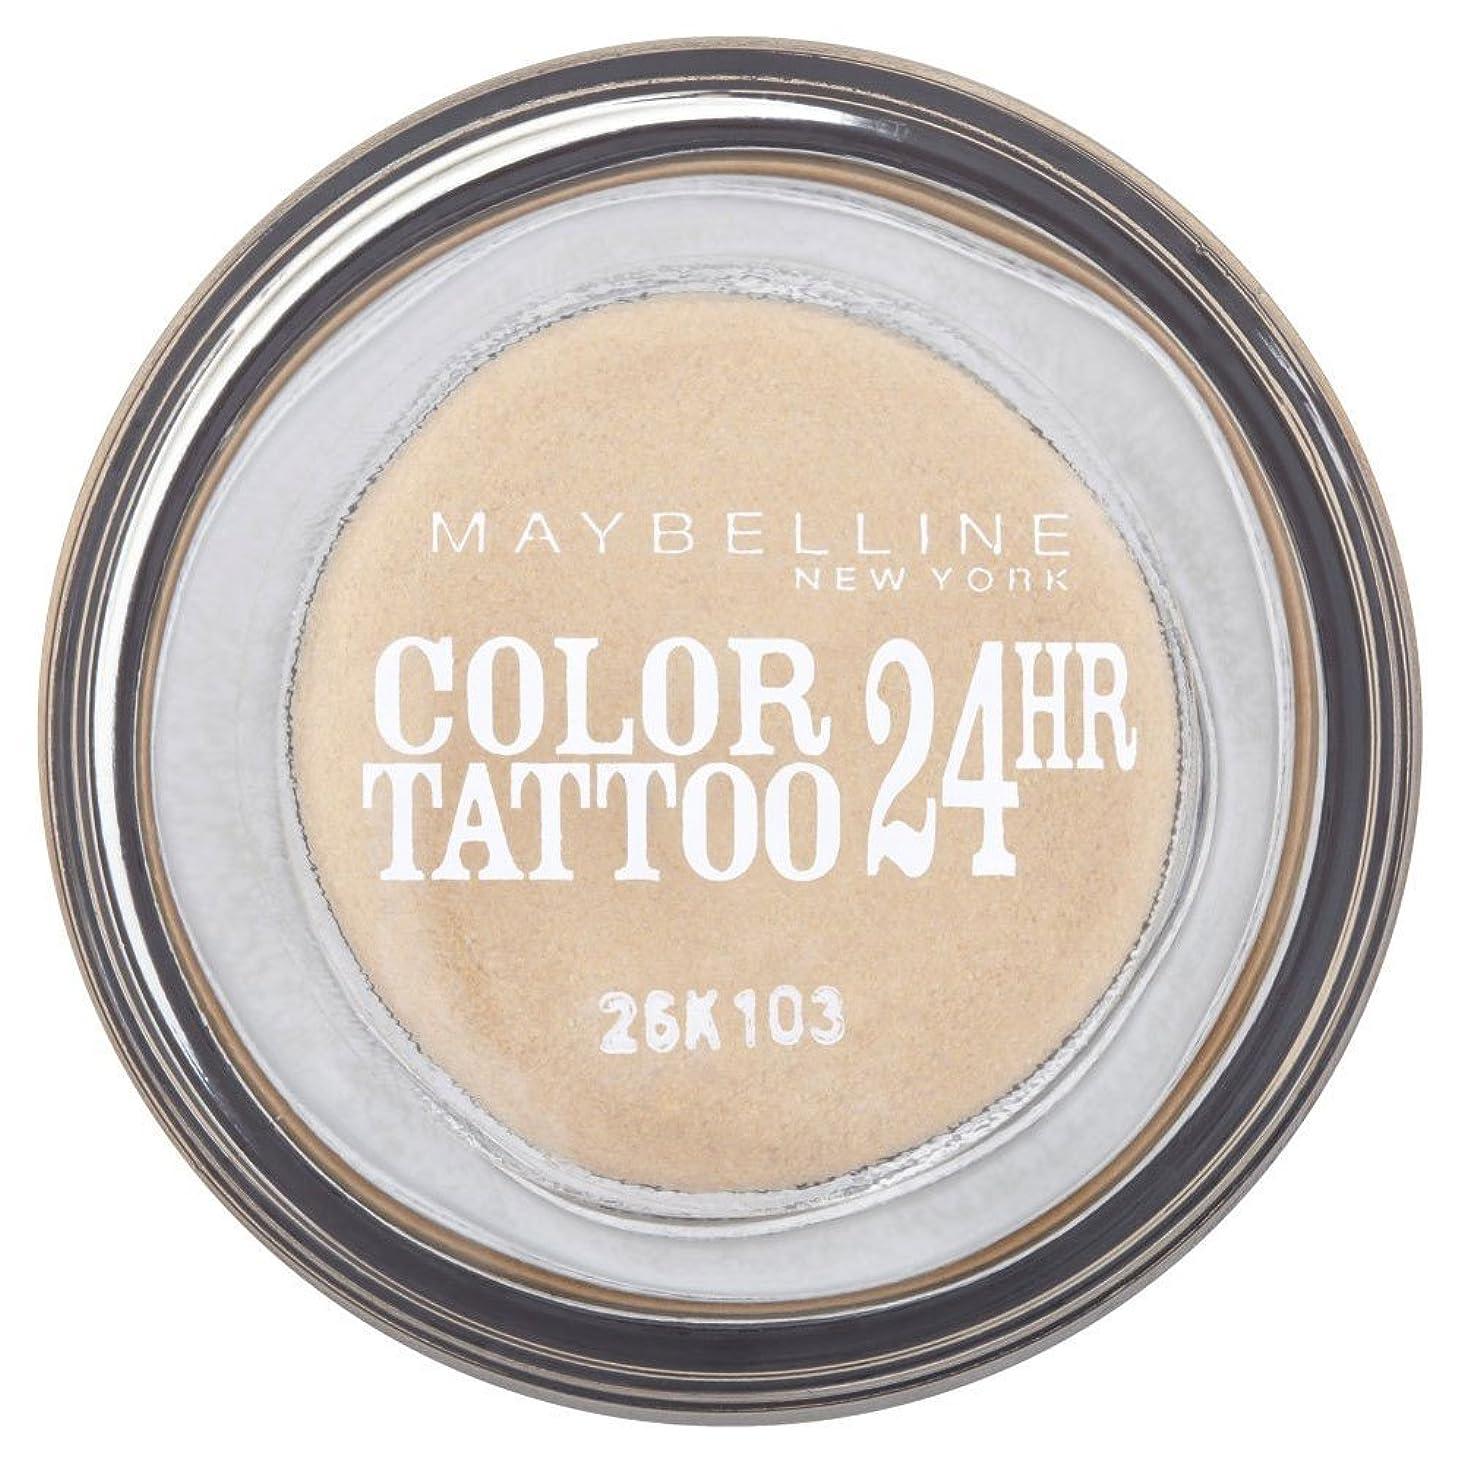 血統忘れられないアライメントMaybelline Eye Studio Color Tattoo 24hr Eye Shadow - Eternal Gold メイベリンアイスタジオカラータトゥー24時間アイシャドウ - 永遠の金 [並行輸入品]